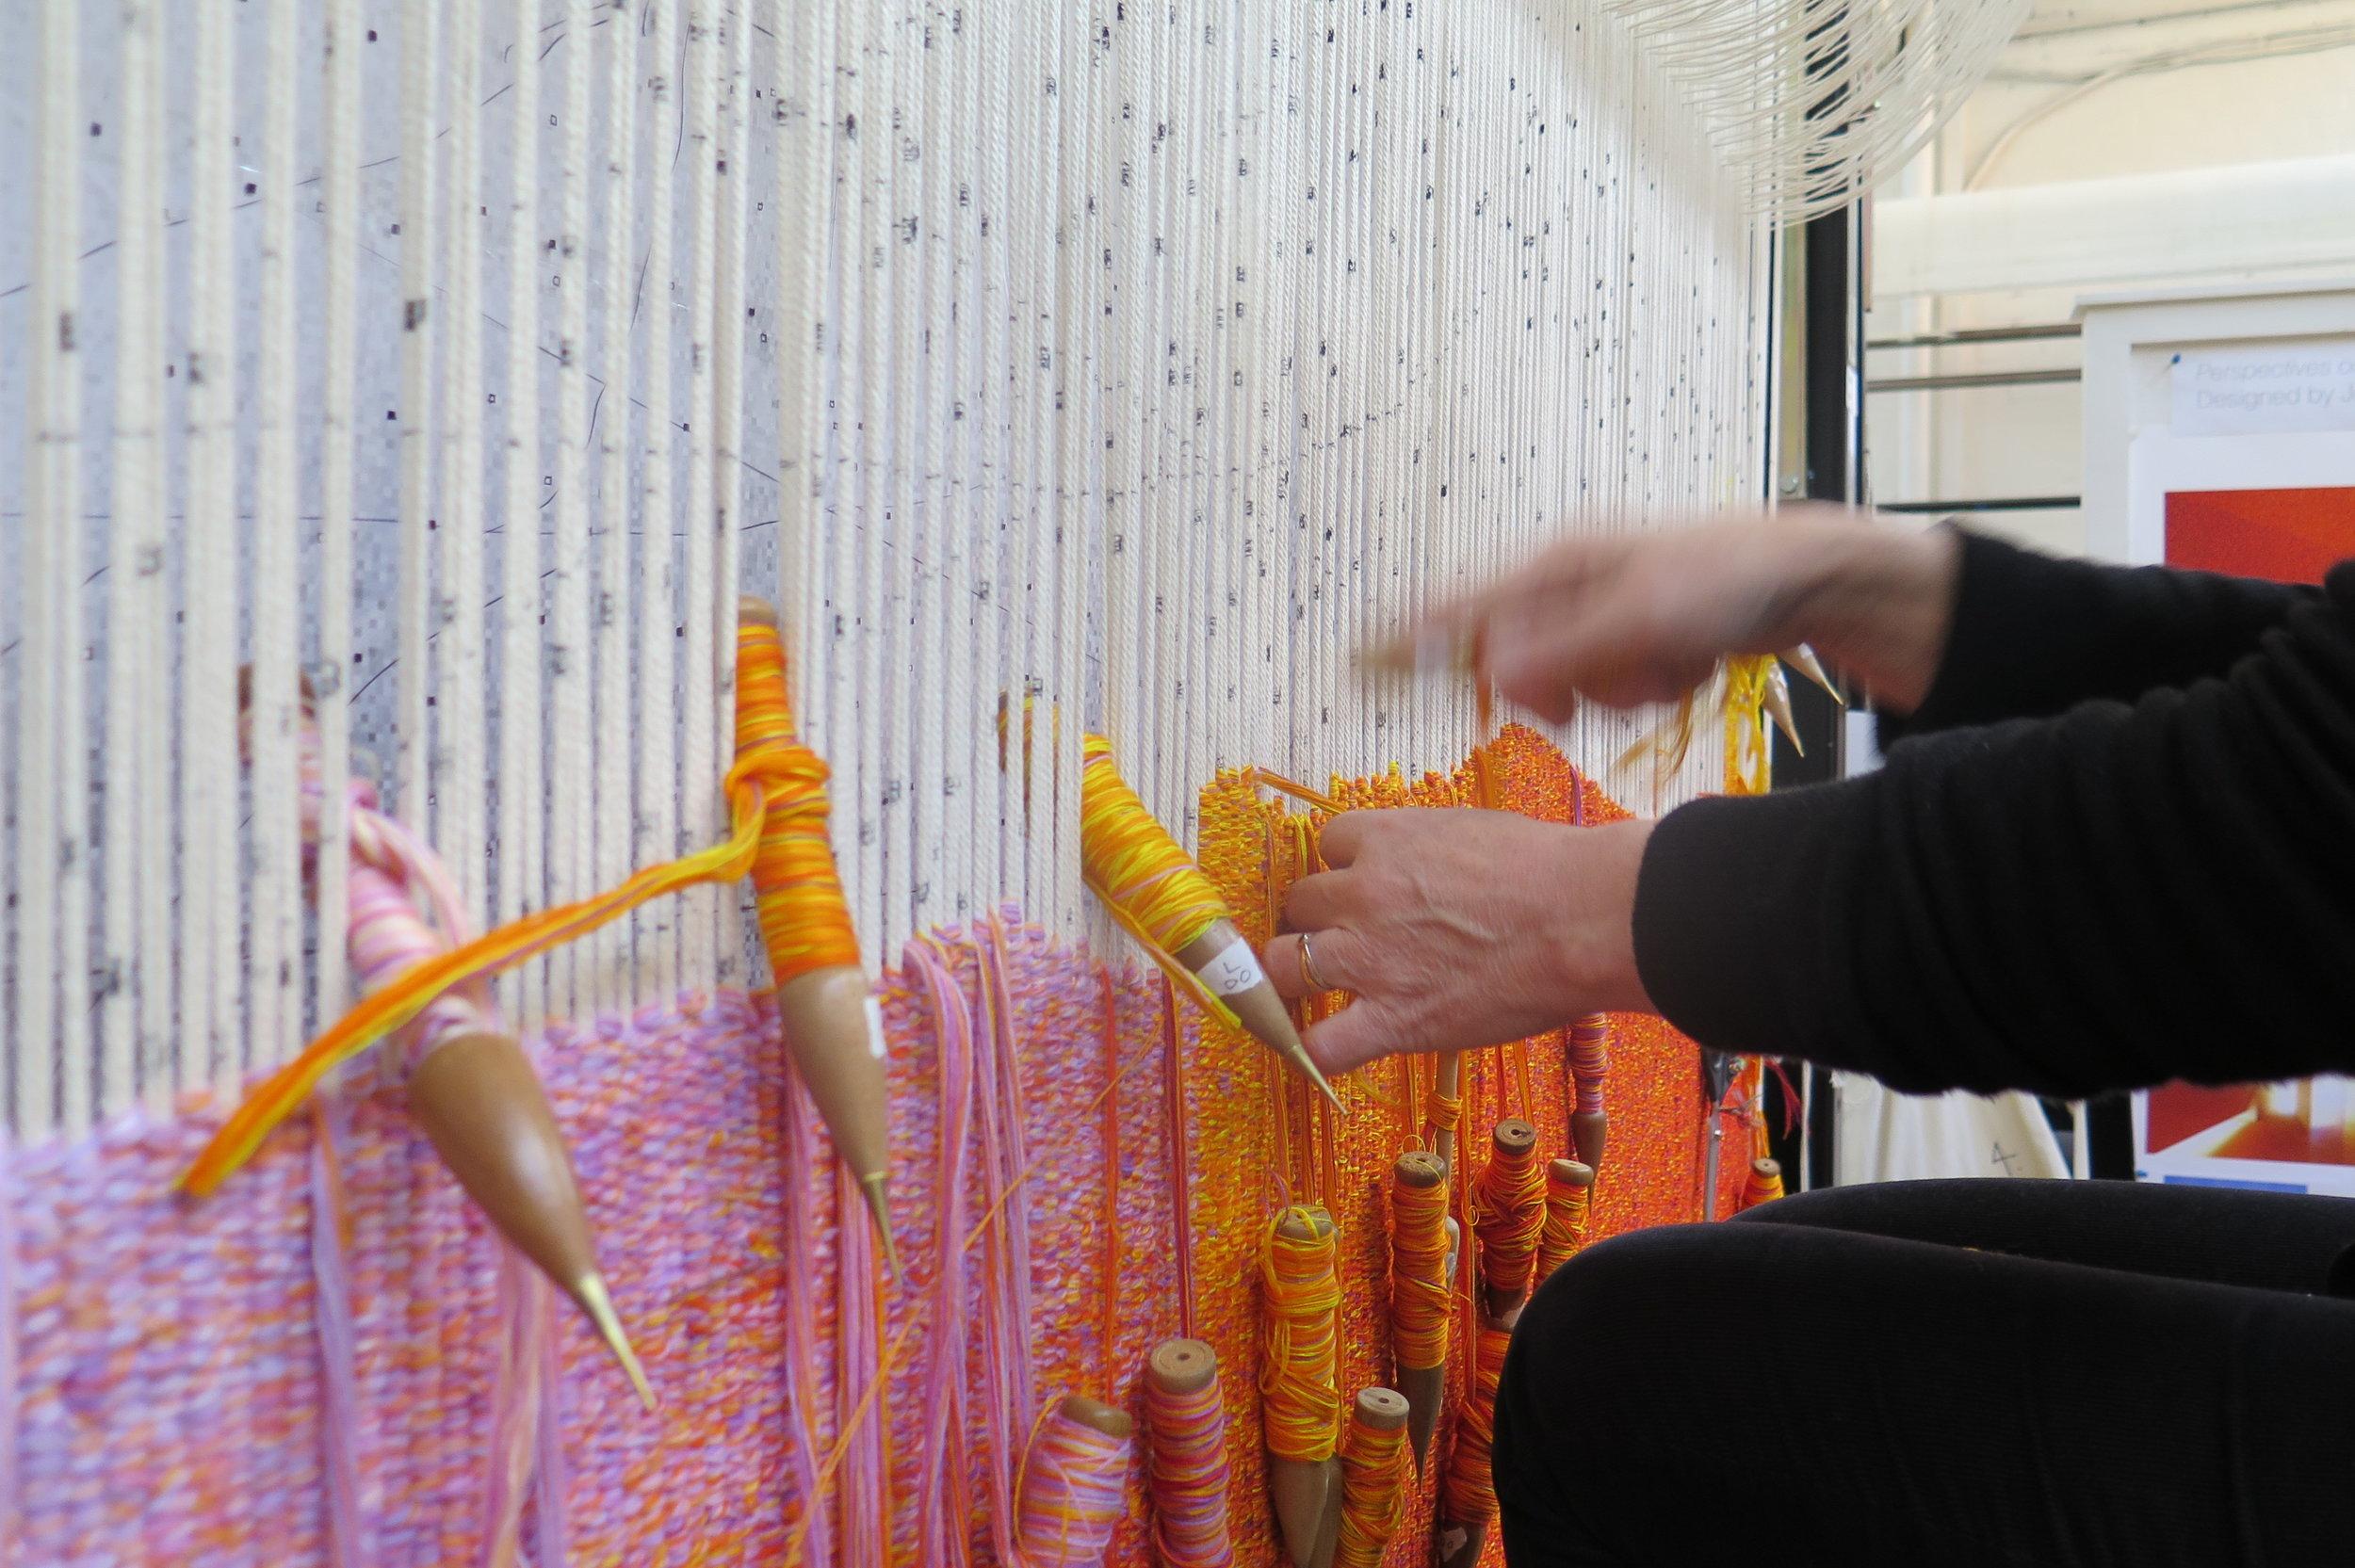 2016_Wardle_close tapestry and bobbins1_web.JPG